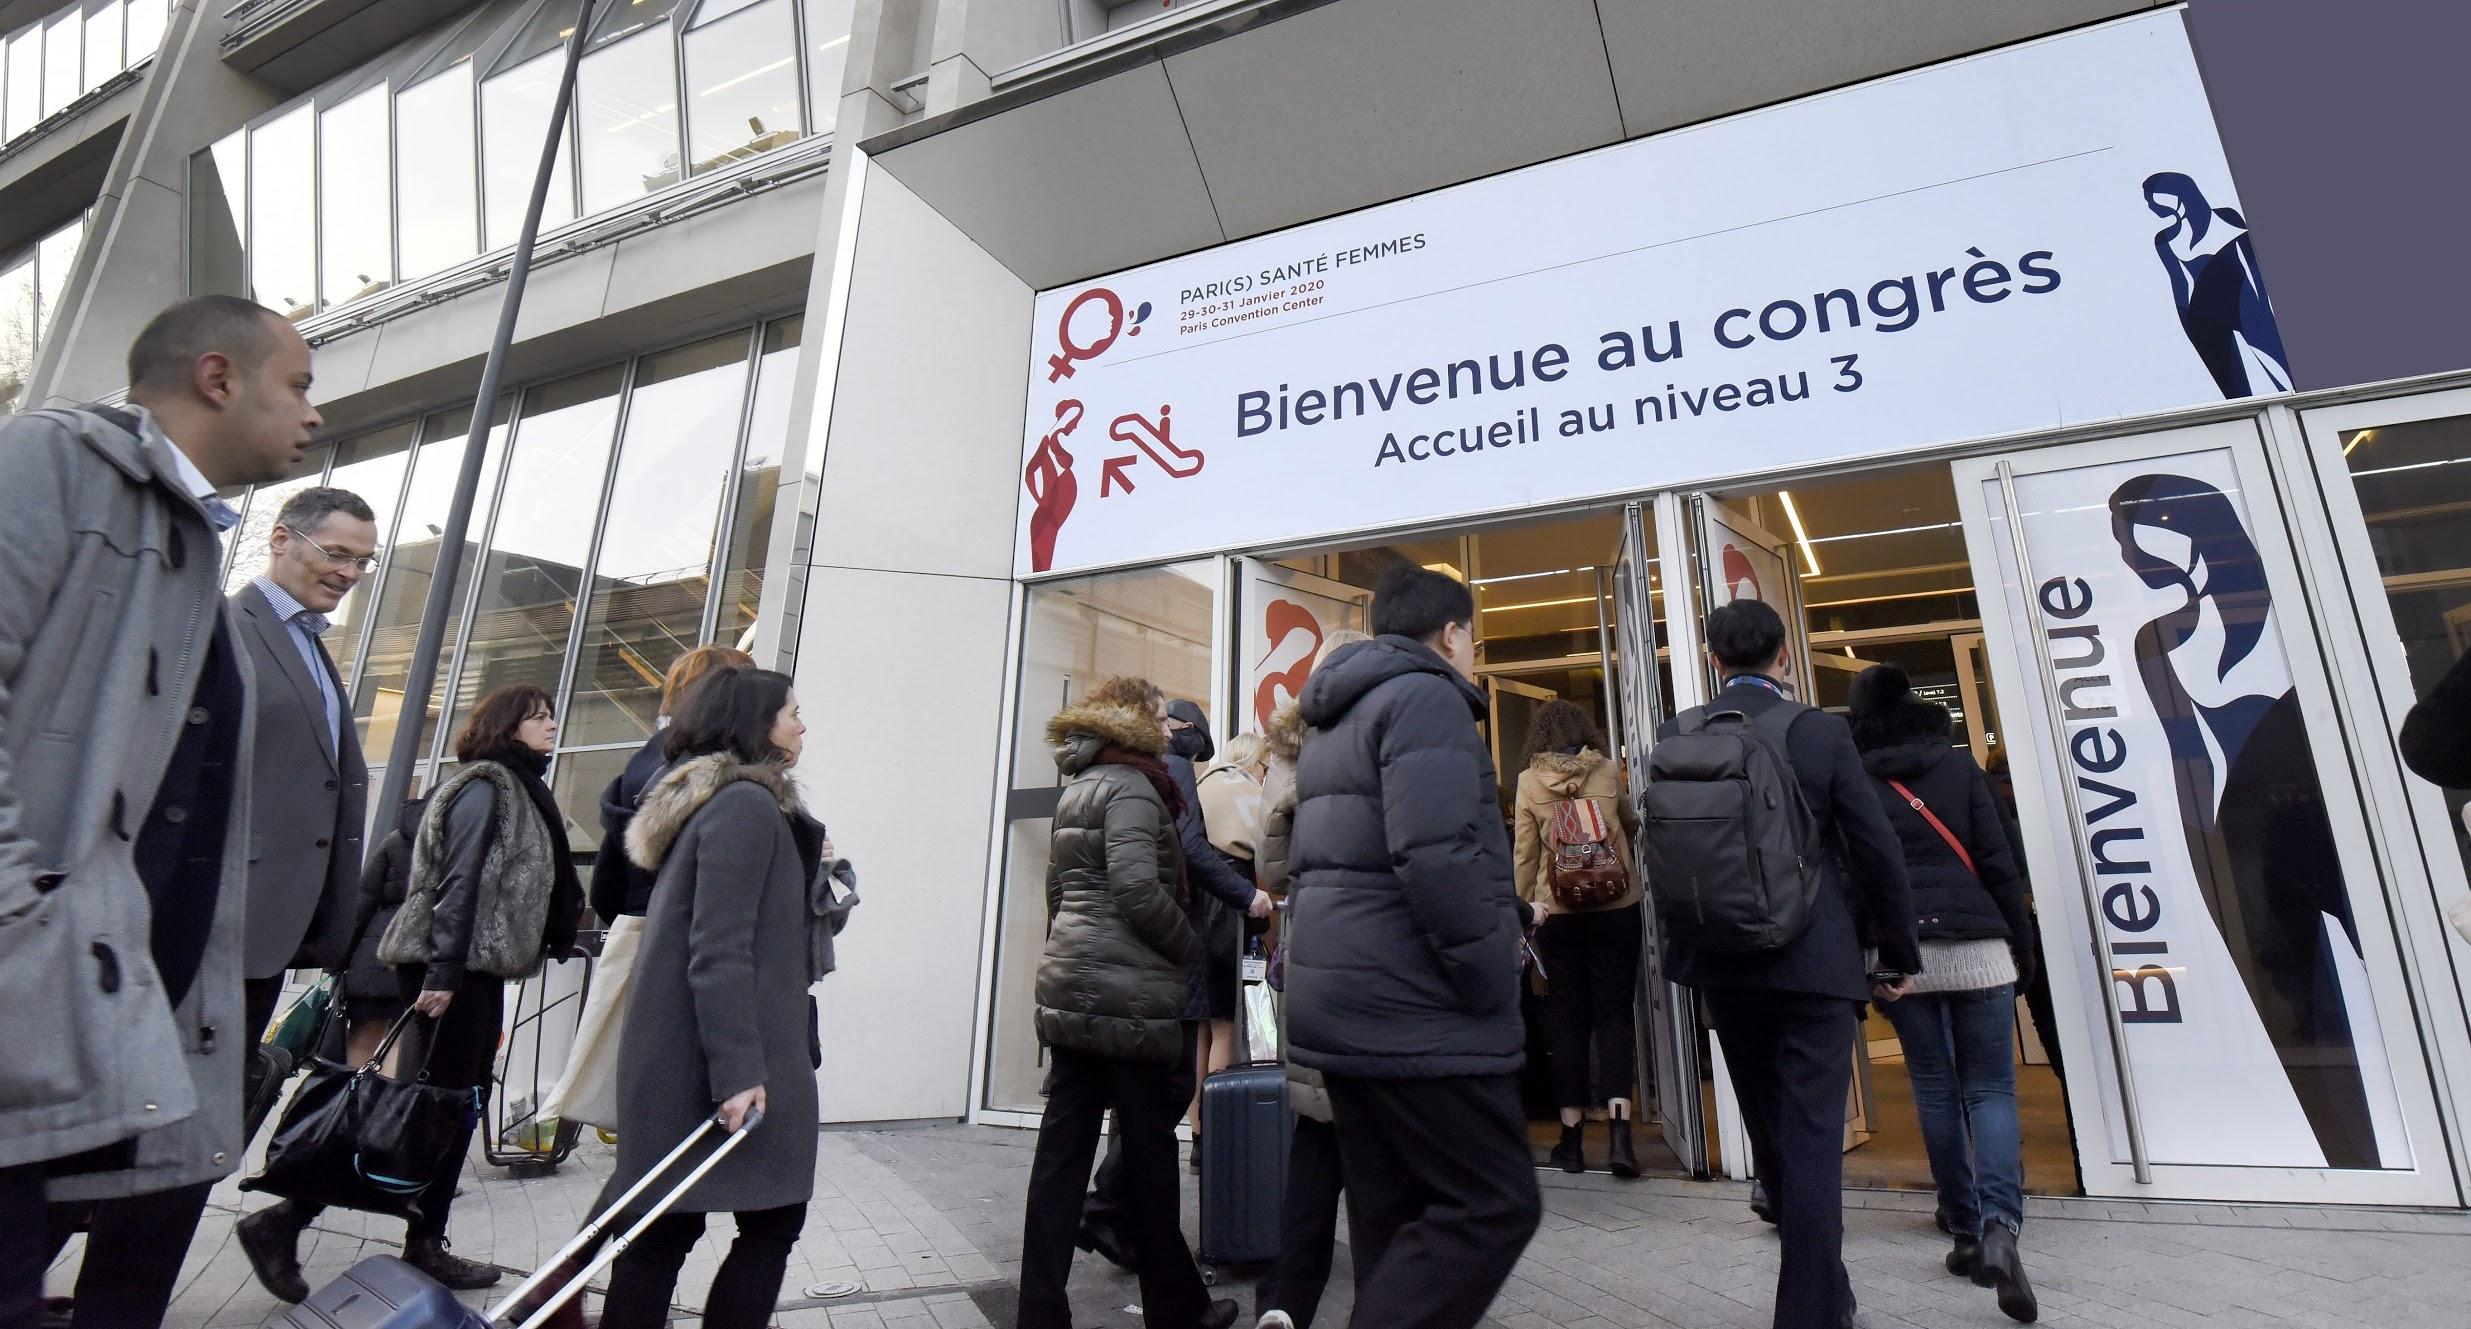 Paris Santé Femmes 2022, c'est parti !